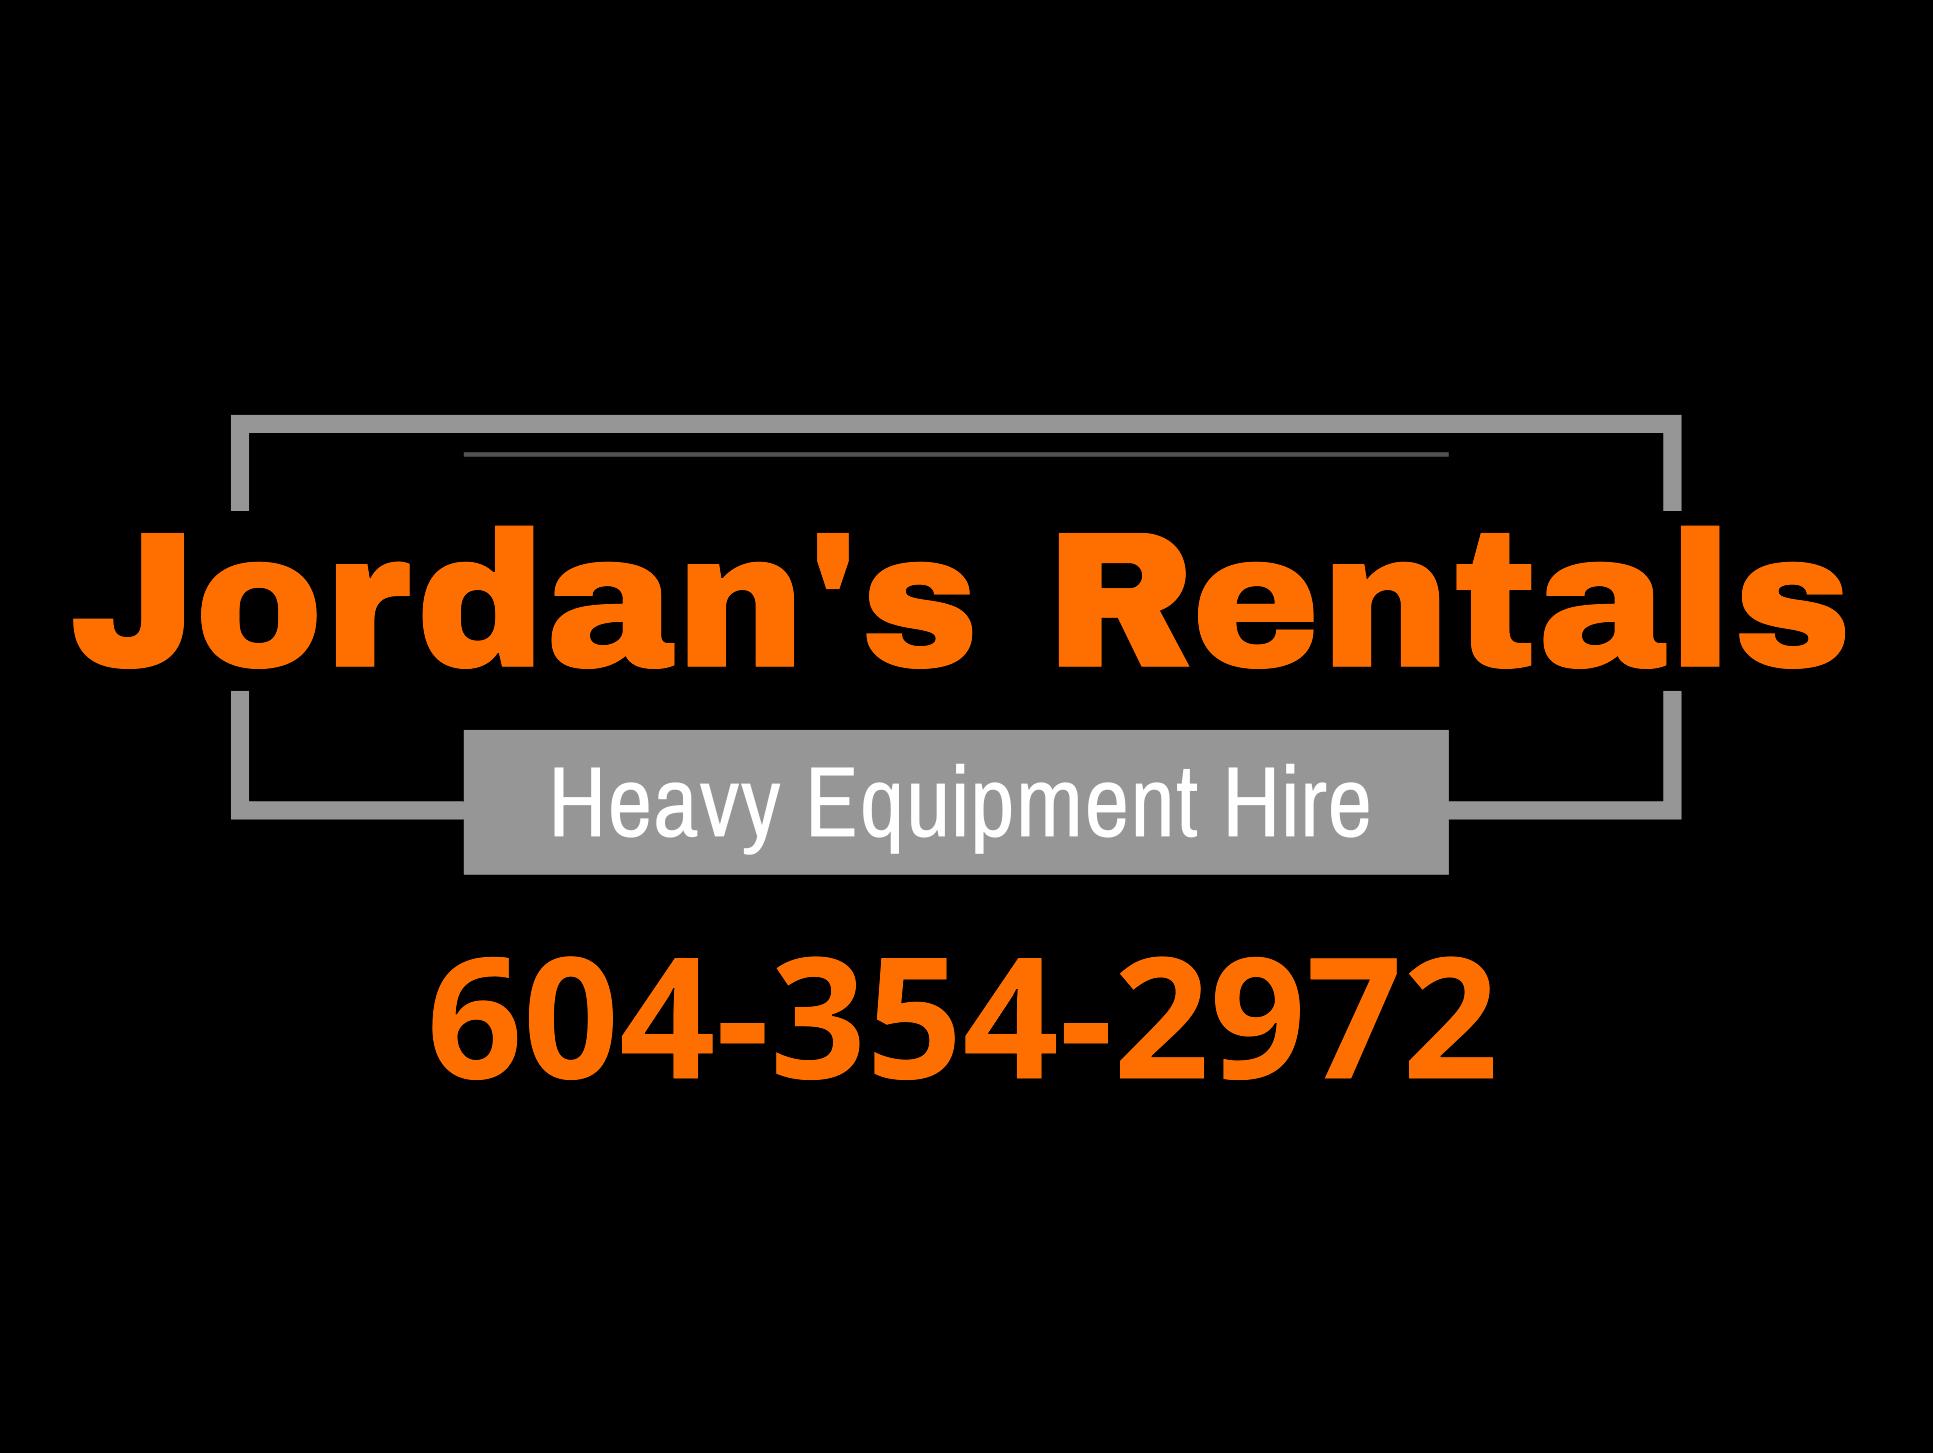 Jordan's Rentals